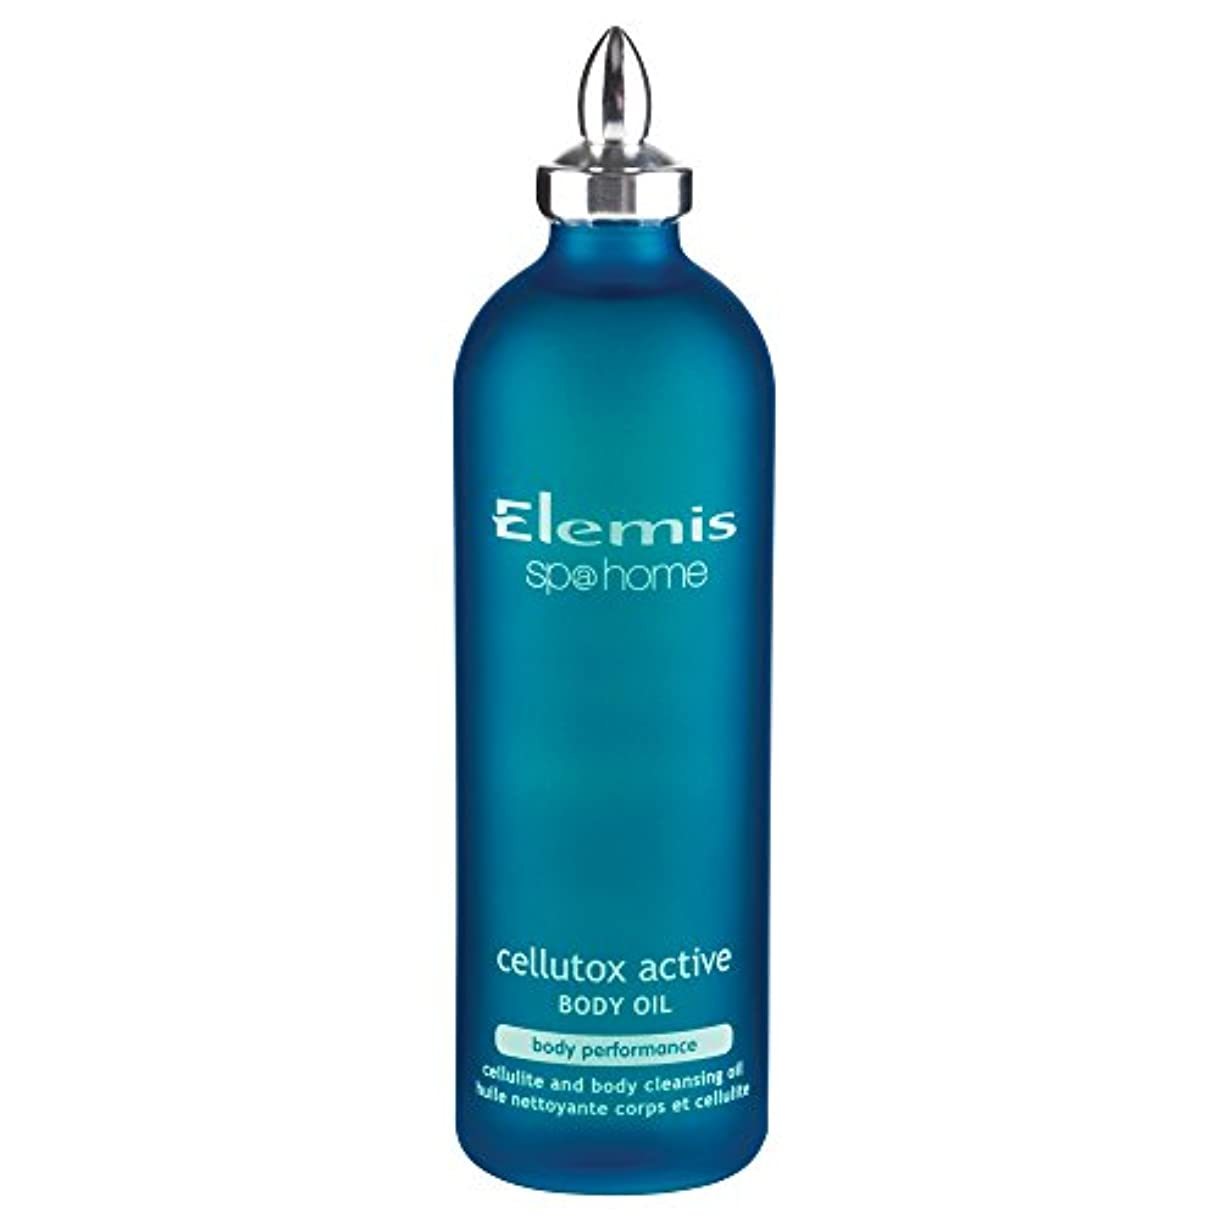 パターンリラックスした布エレミスCel??Lutoxアクティブボディオイル100ミリリットル (Elemis) (x2) - Elemis Cellutox Active Body Oil 100ml (Pack of 2) [並行輸入品]